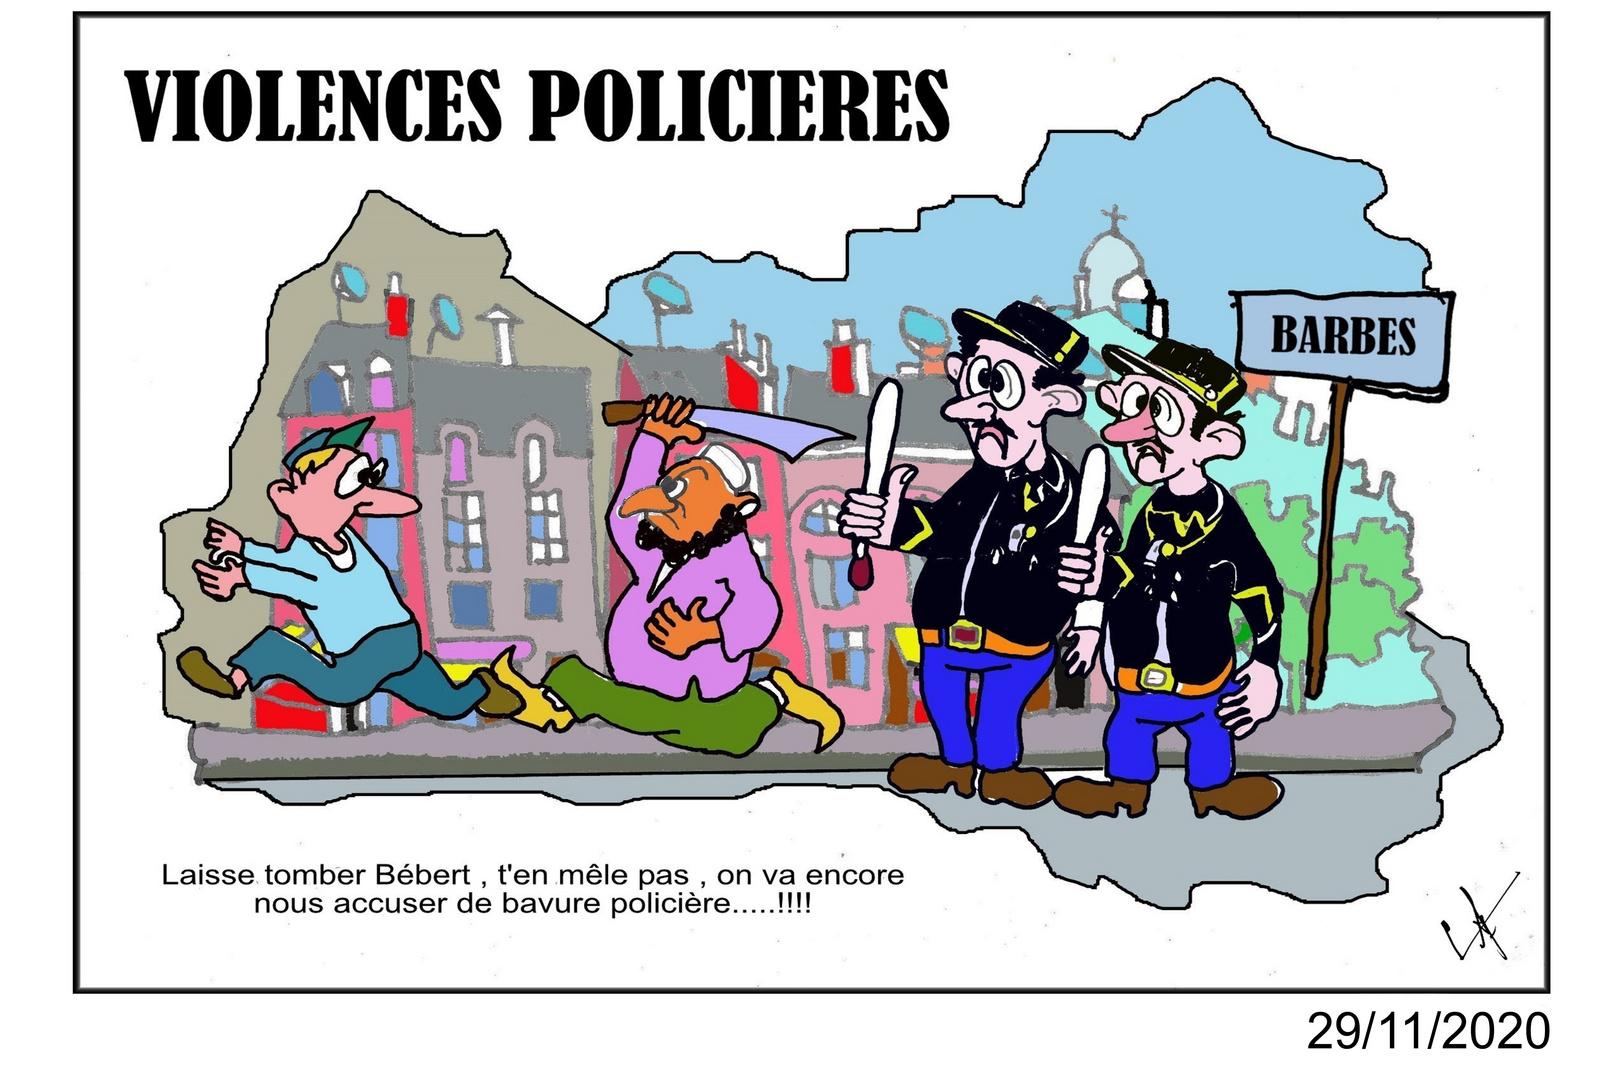 VIOLENCES POLICIERES ENCADREE DATEE